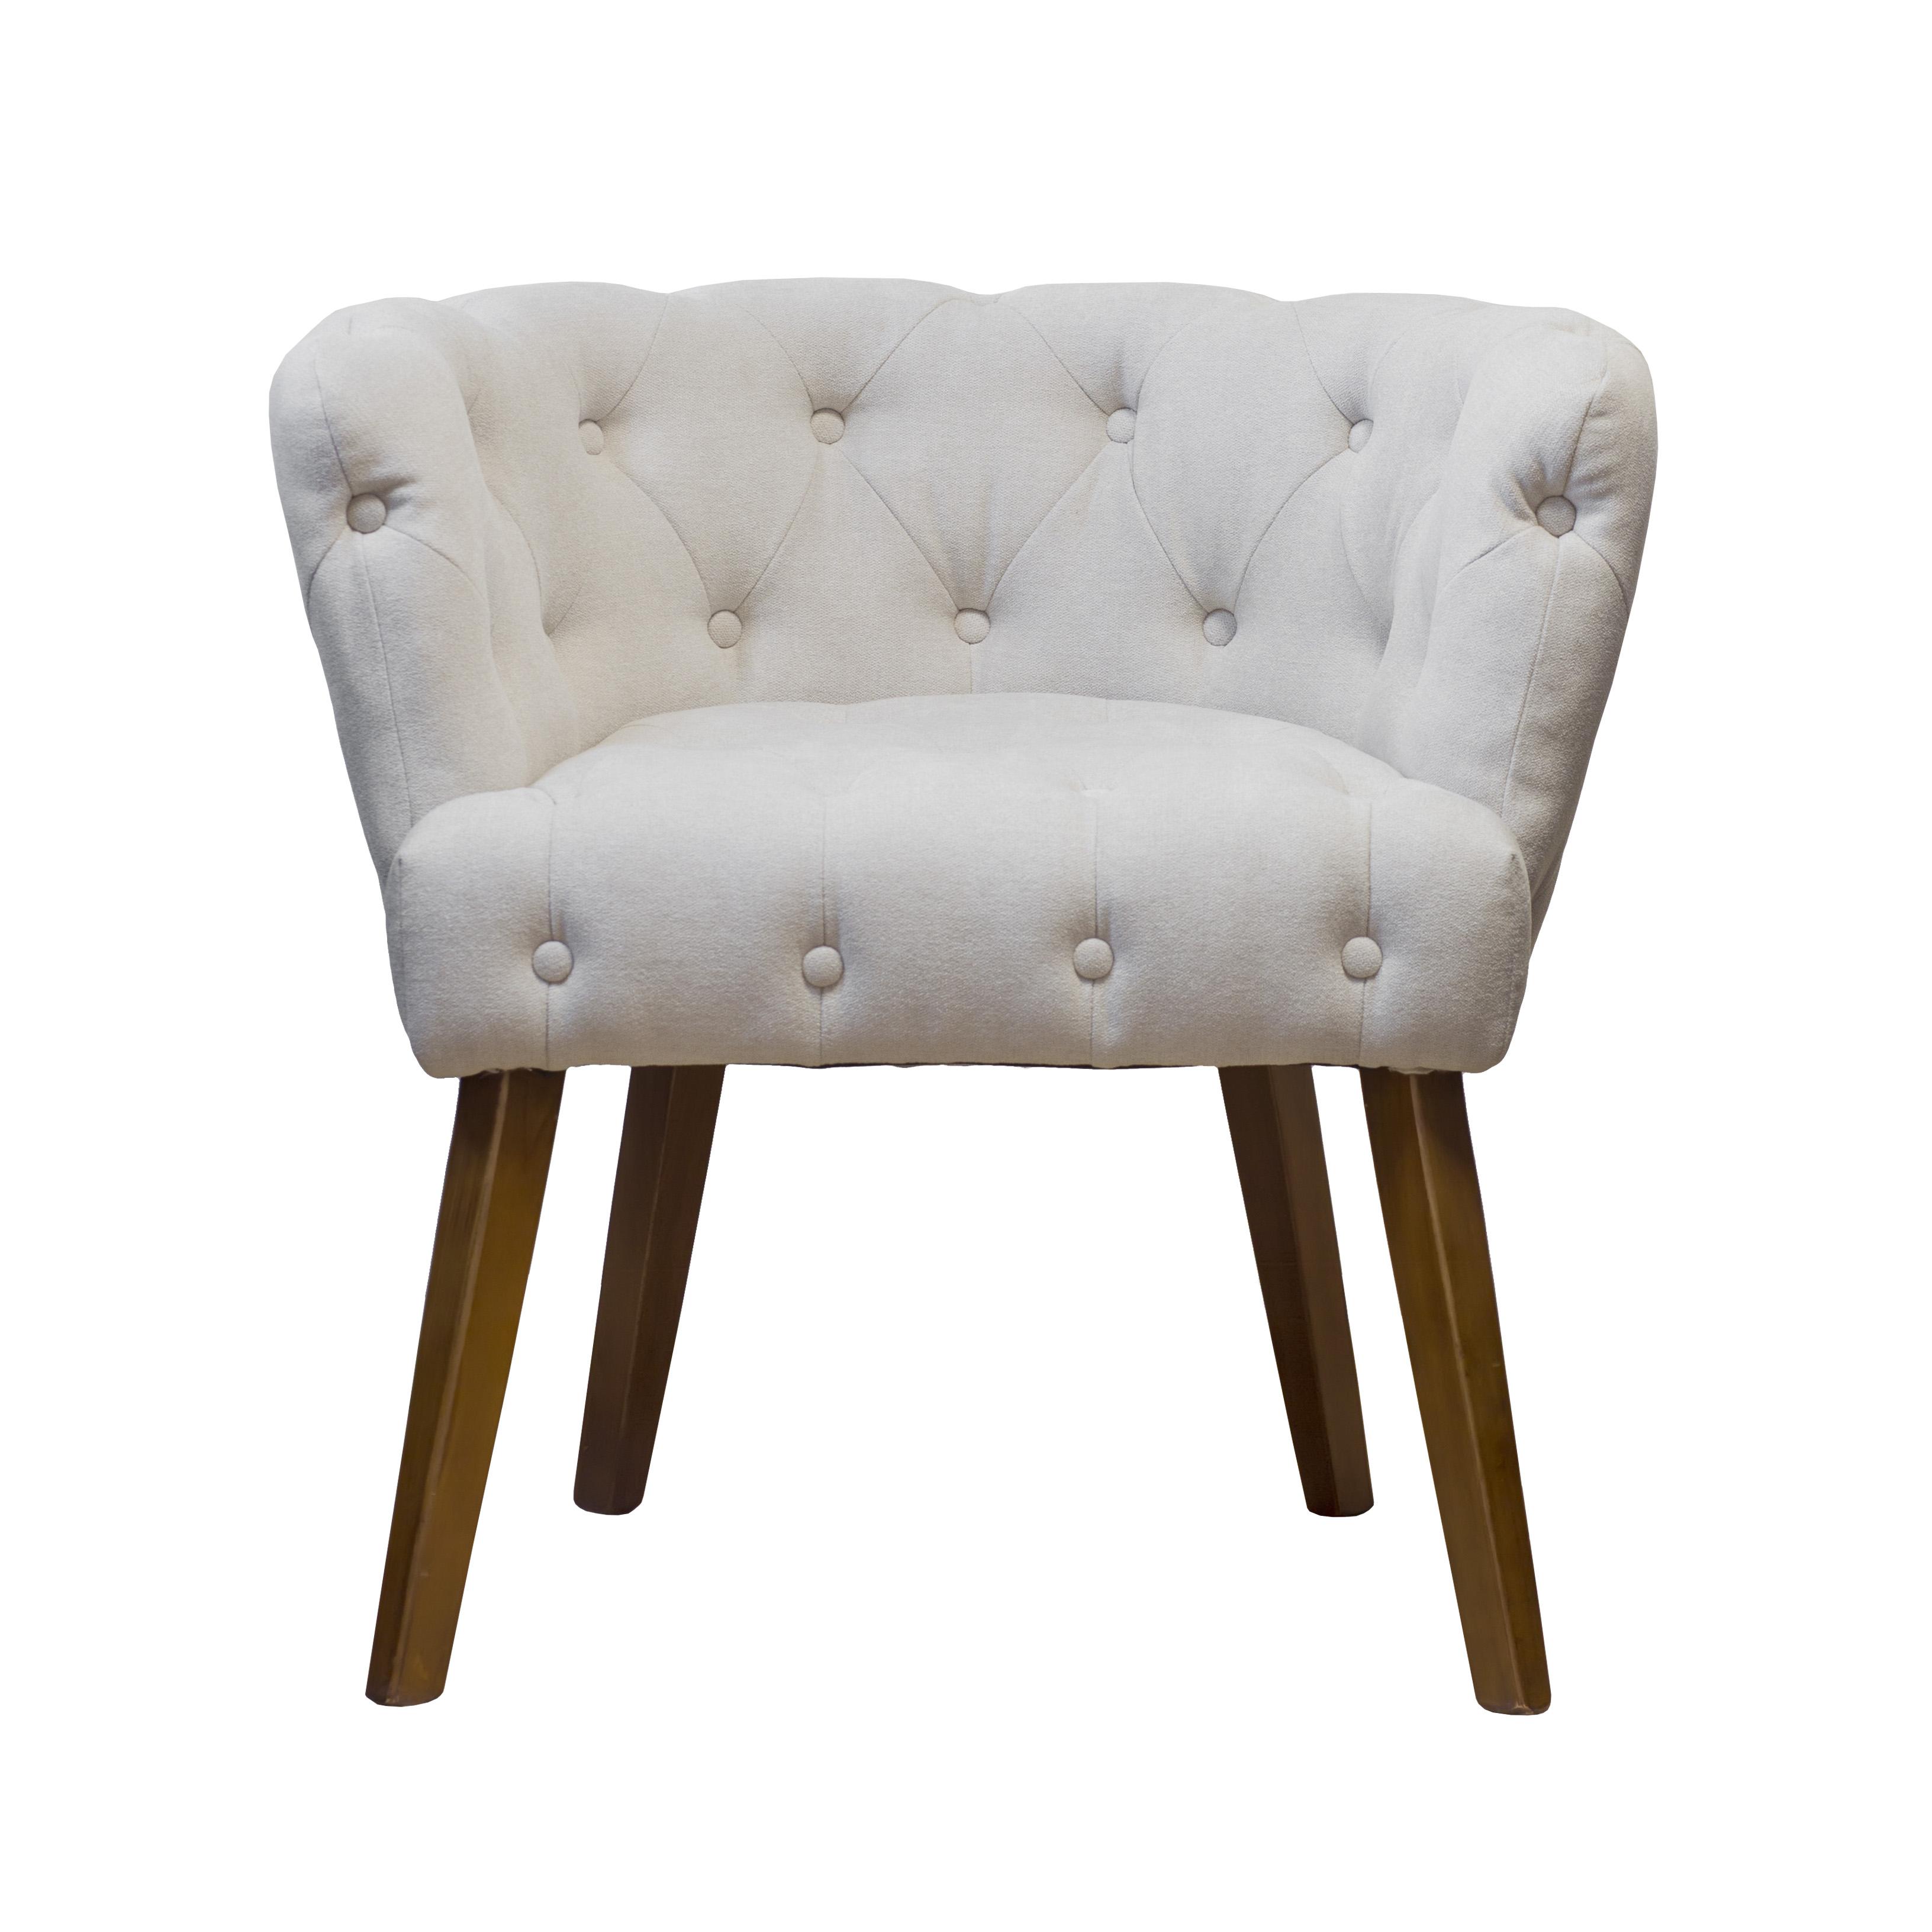 Купить со скидкой Кресло светло-бежевого цвета